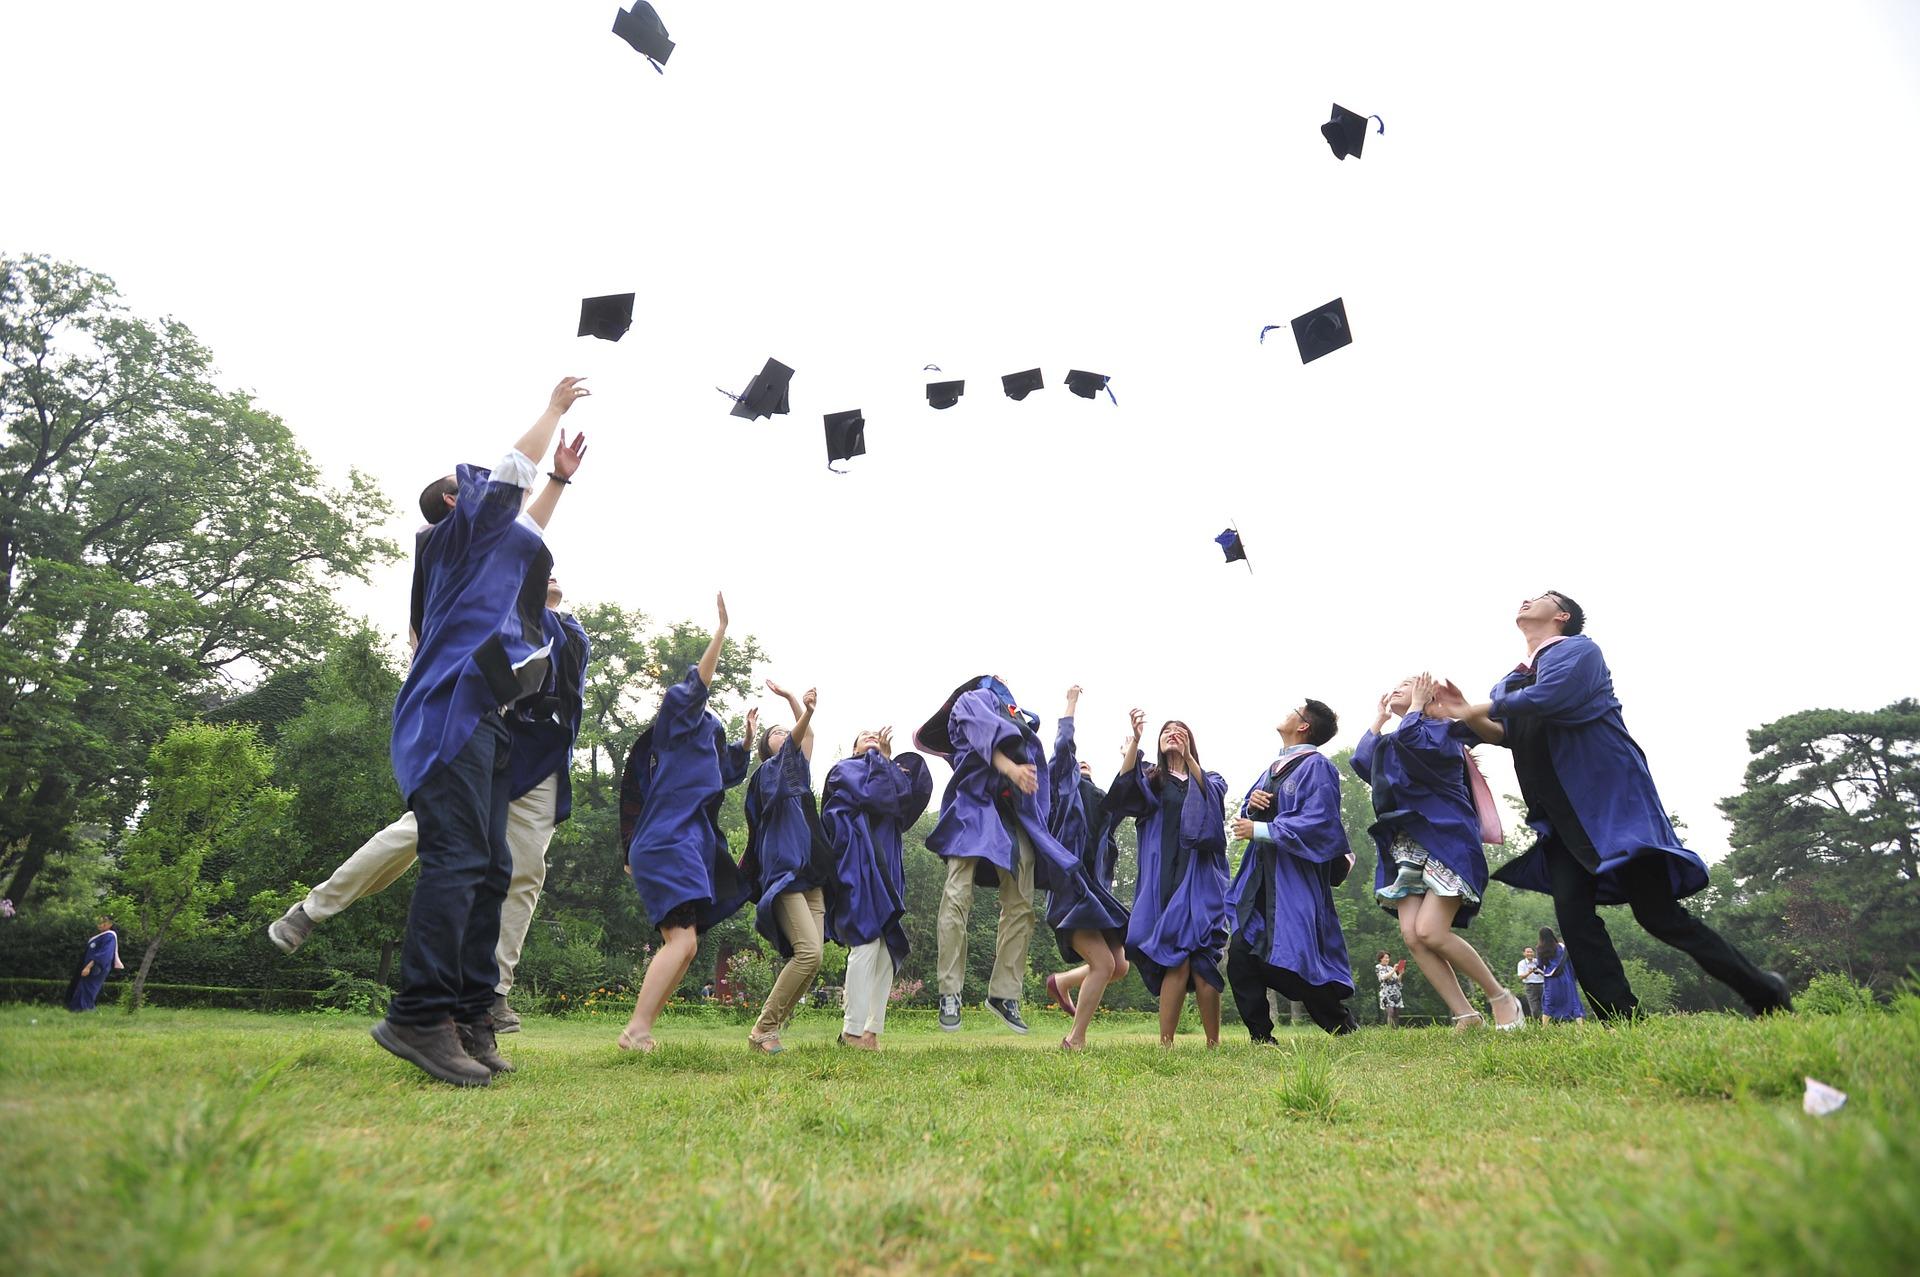 graduados universitarios, experiencia laboral, pasto, birrete , toga